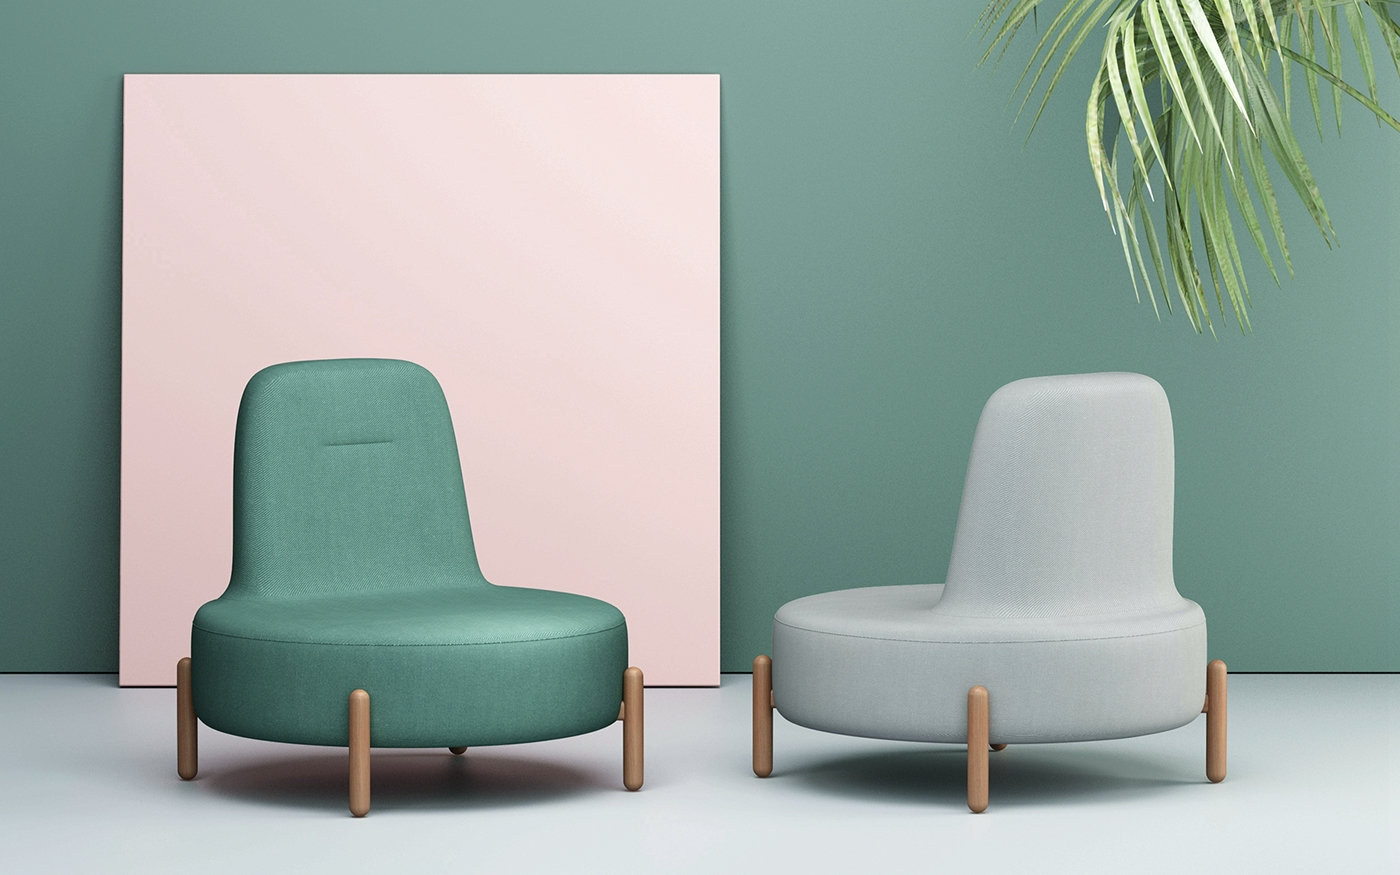 JADE沙发是一个圆的形状,靠背的线条简约流畅,搭配四个胶囊形状的木制脚,全部以圆润形态柔软呈现,整体给人一种温润和舒适的感觉。设计师认为u201c设计应该是简约的,但  ...